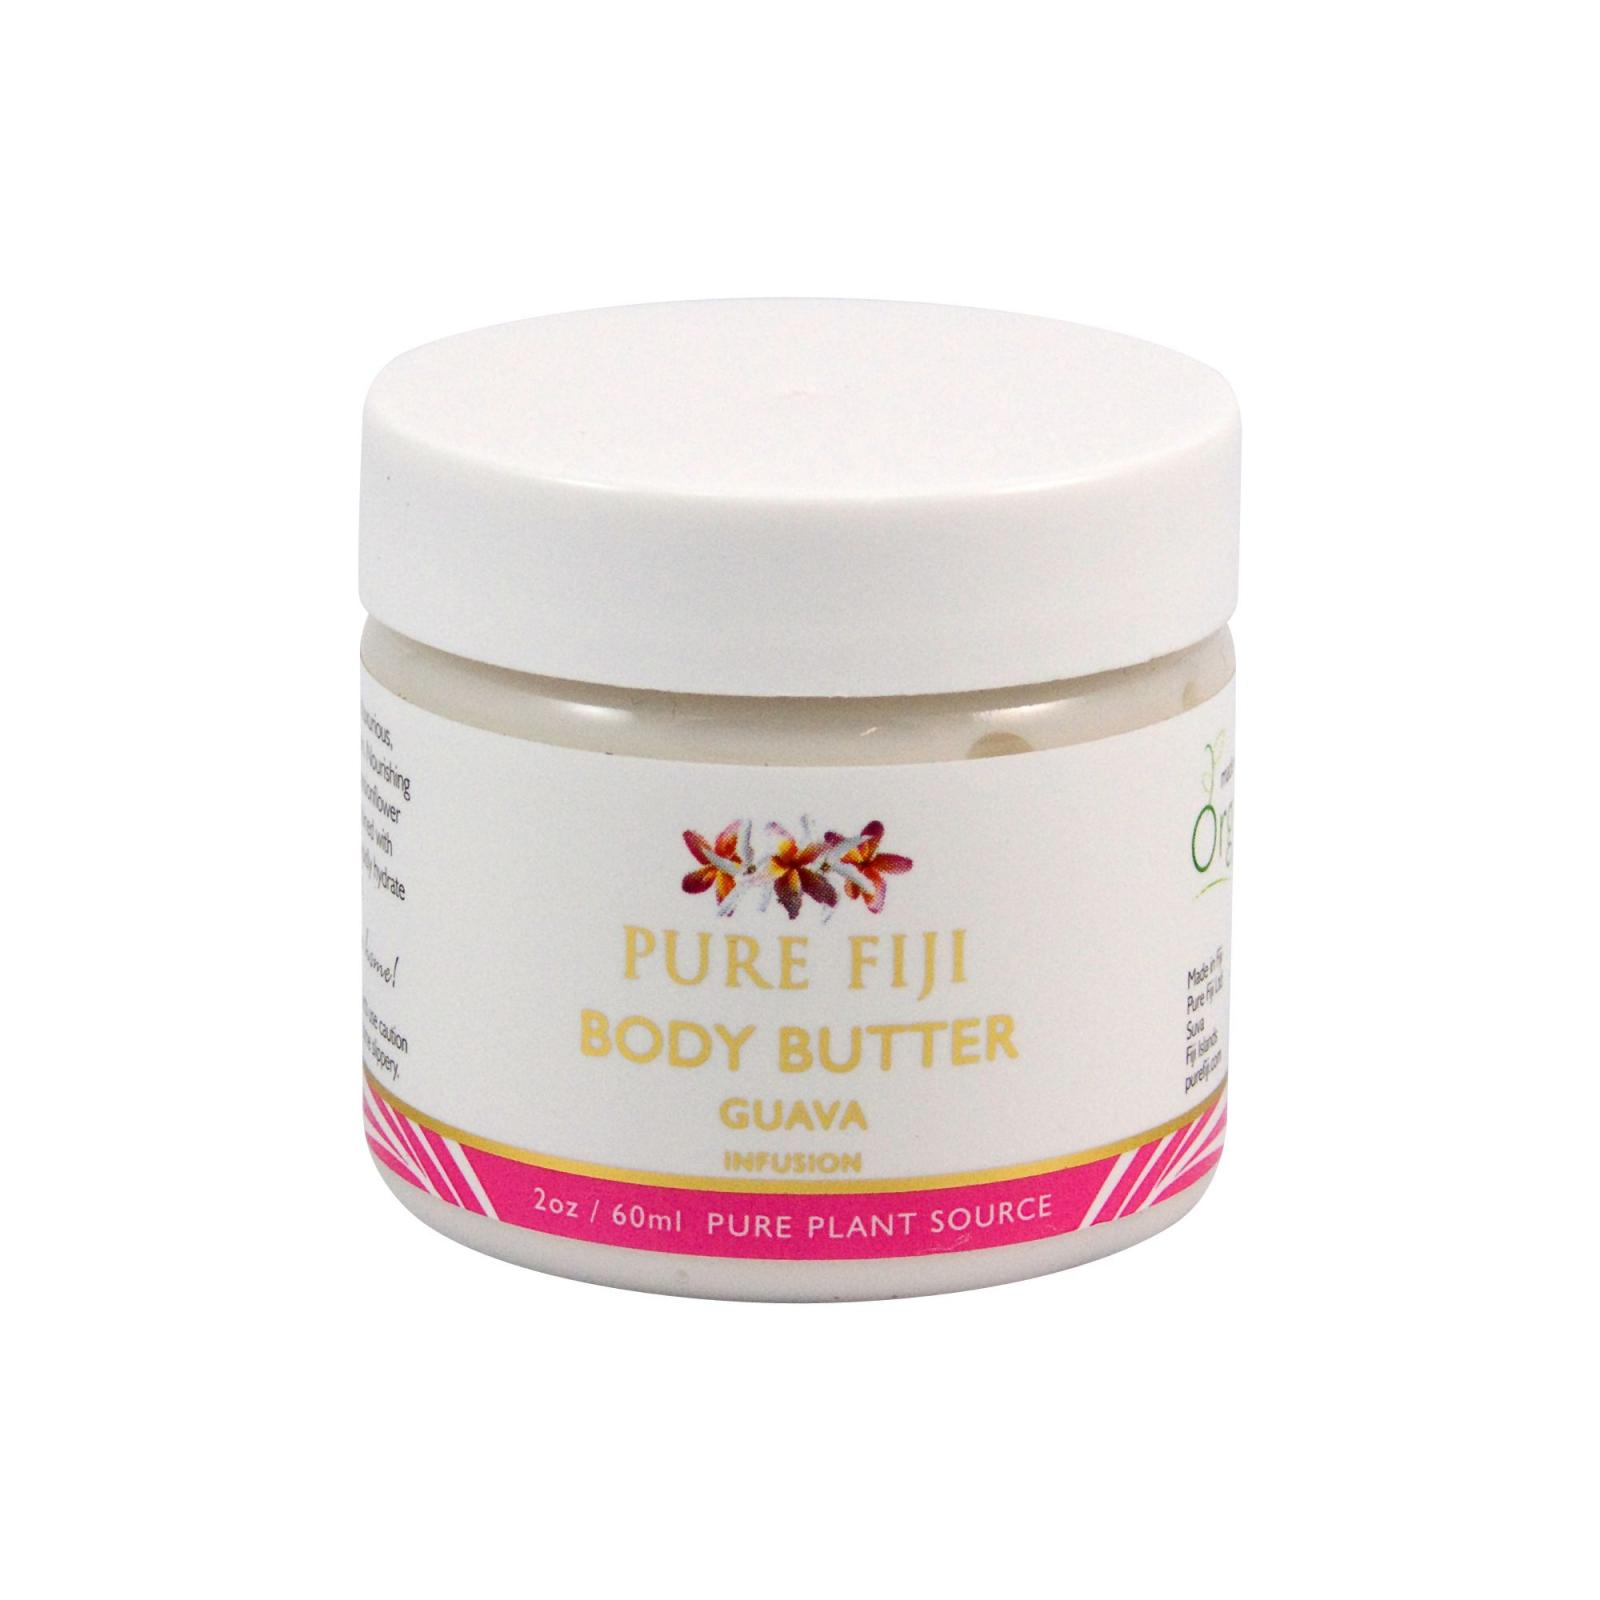 Pure Fiji Tělové máslo, guava 59 ml